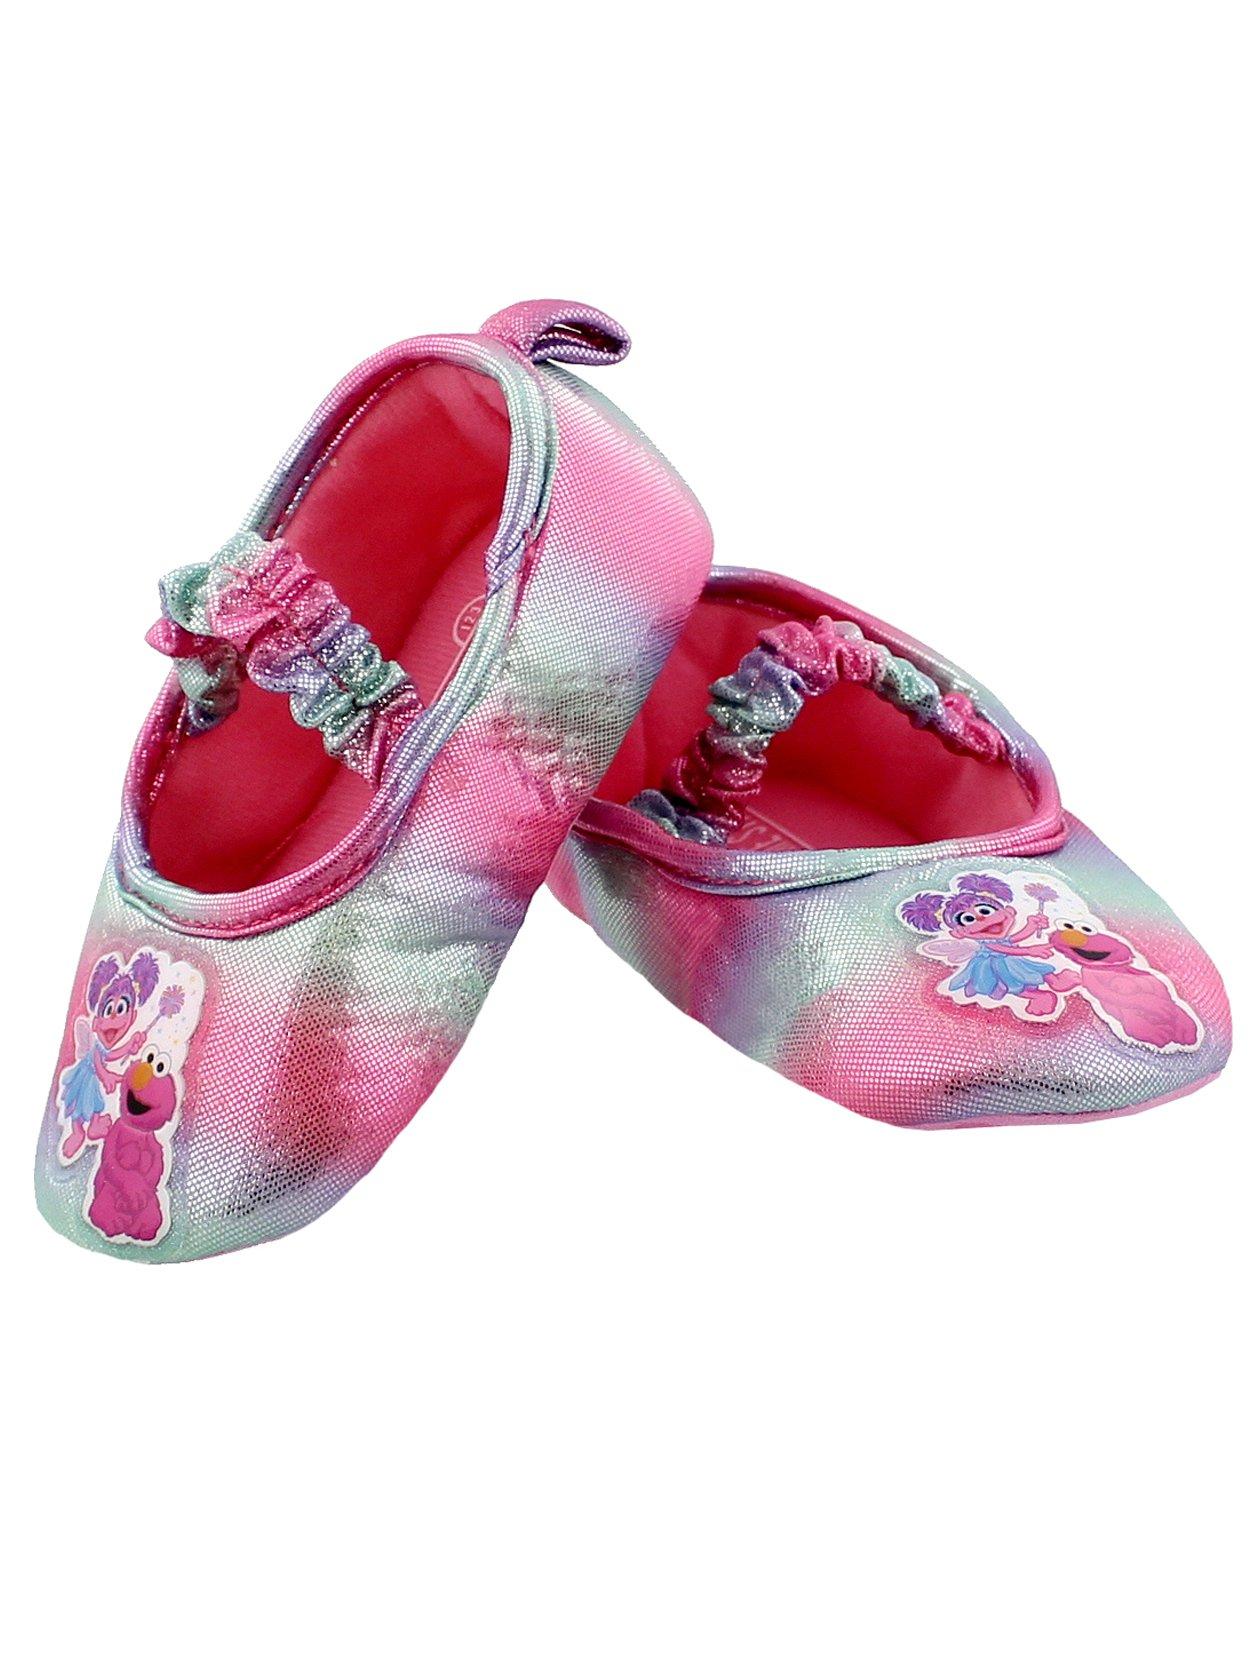 Sesame Street Toddler Girls Slippers Elmo Abby Cadabby Kids Ballerina Non-Slip Grip House Shoes 7-8 M US Toddler